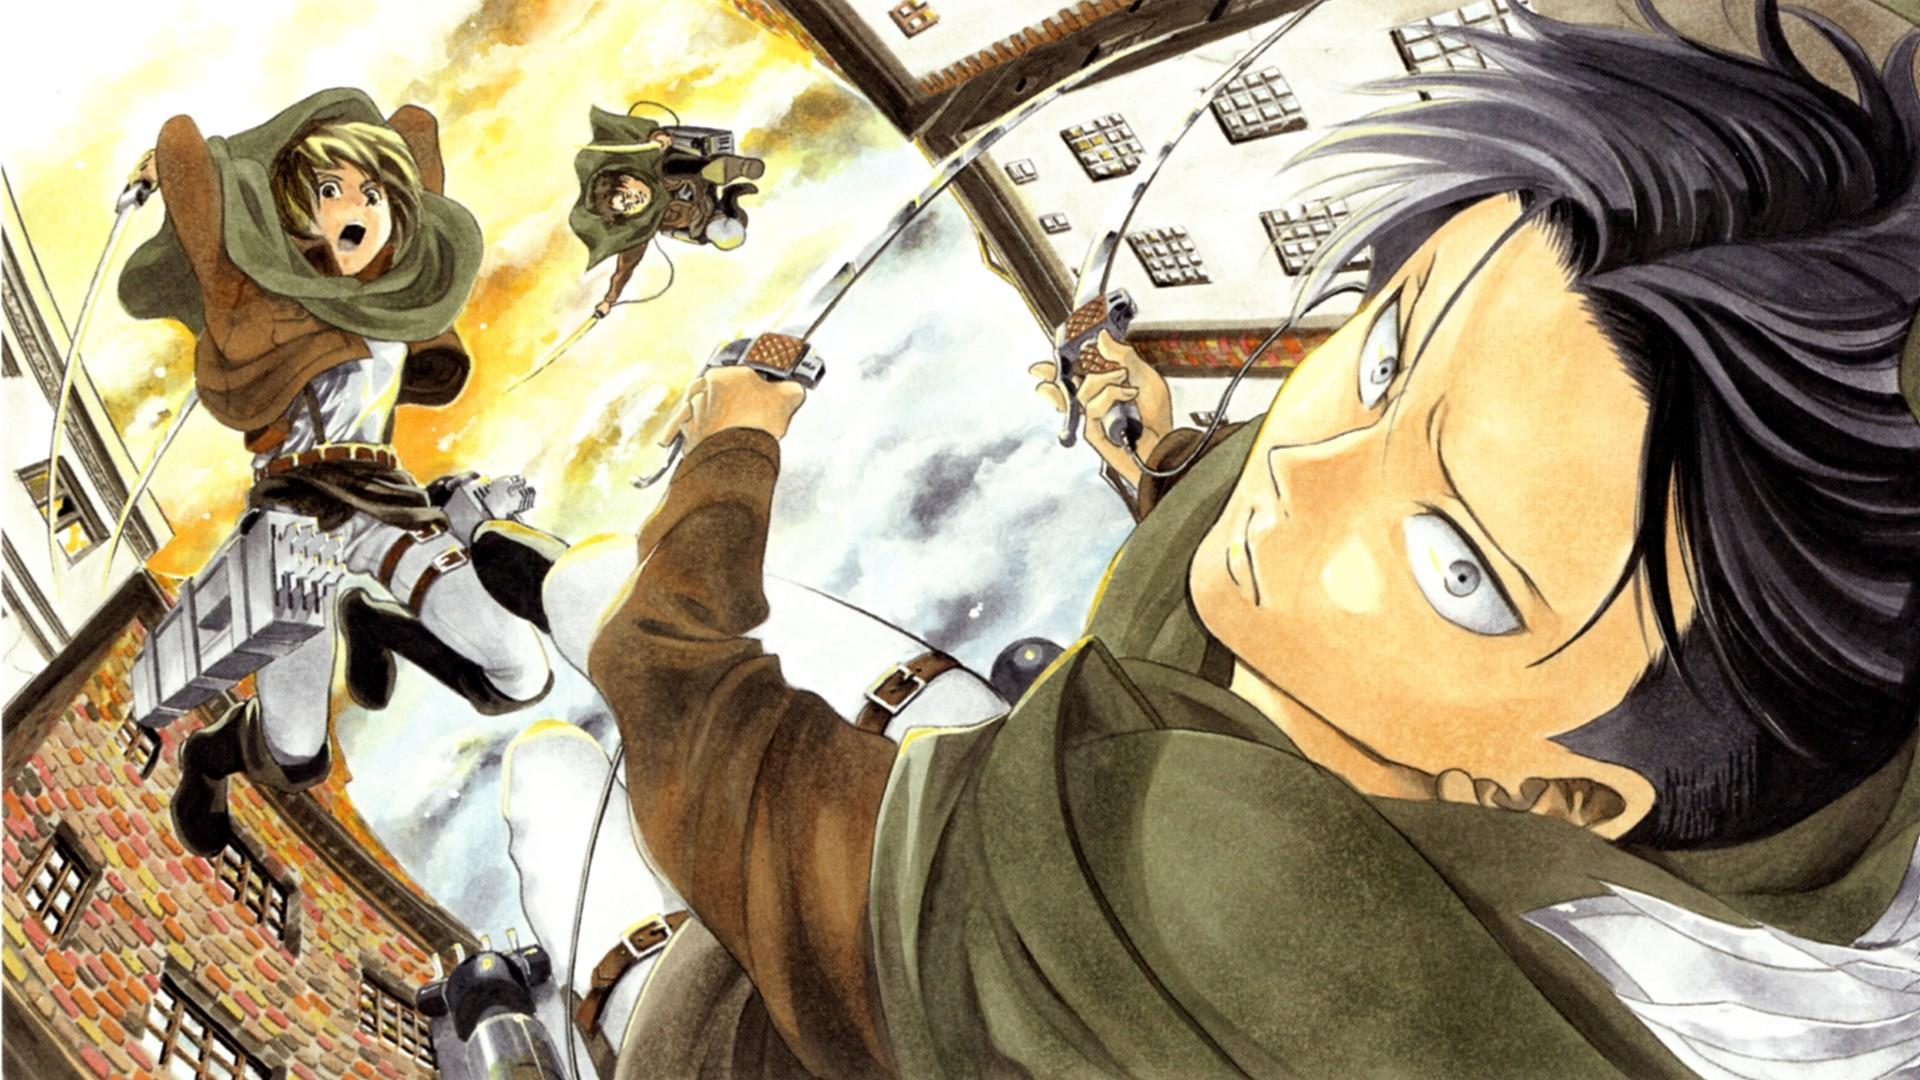 GGWallpaper – shingeki no kyojin attack on titans eren mikasa  armin2803103_HD wallpaper   Shingeki no Kyojin